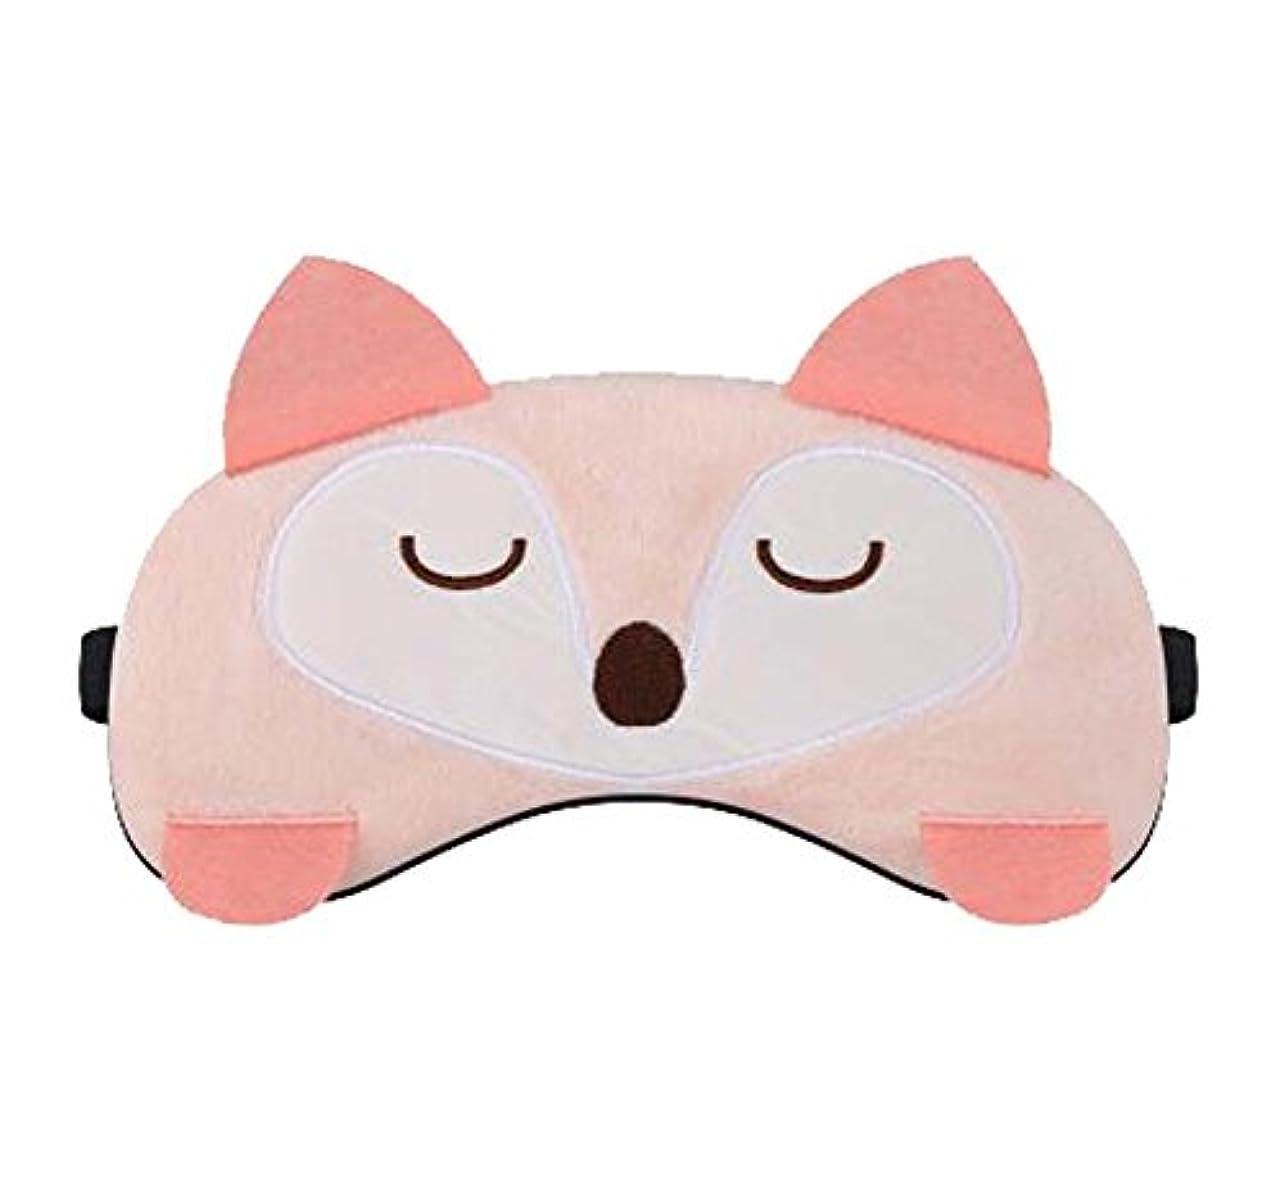 提供苦痛闘争かわいい睡眠マスクアイマスク - セラピー不眠症 - 男性、女性、女の子、子供、A